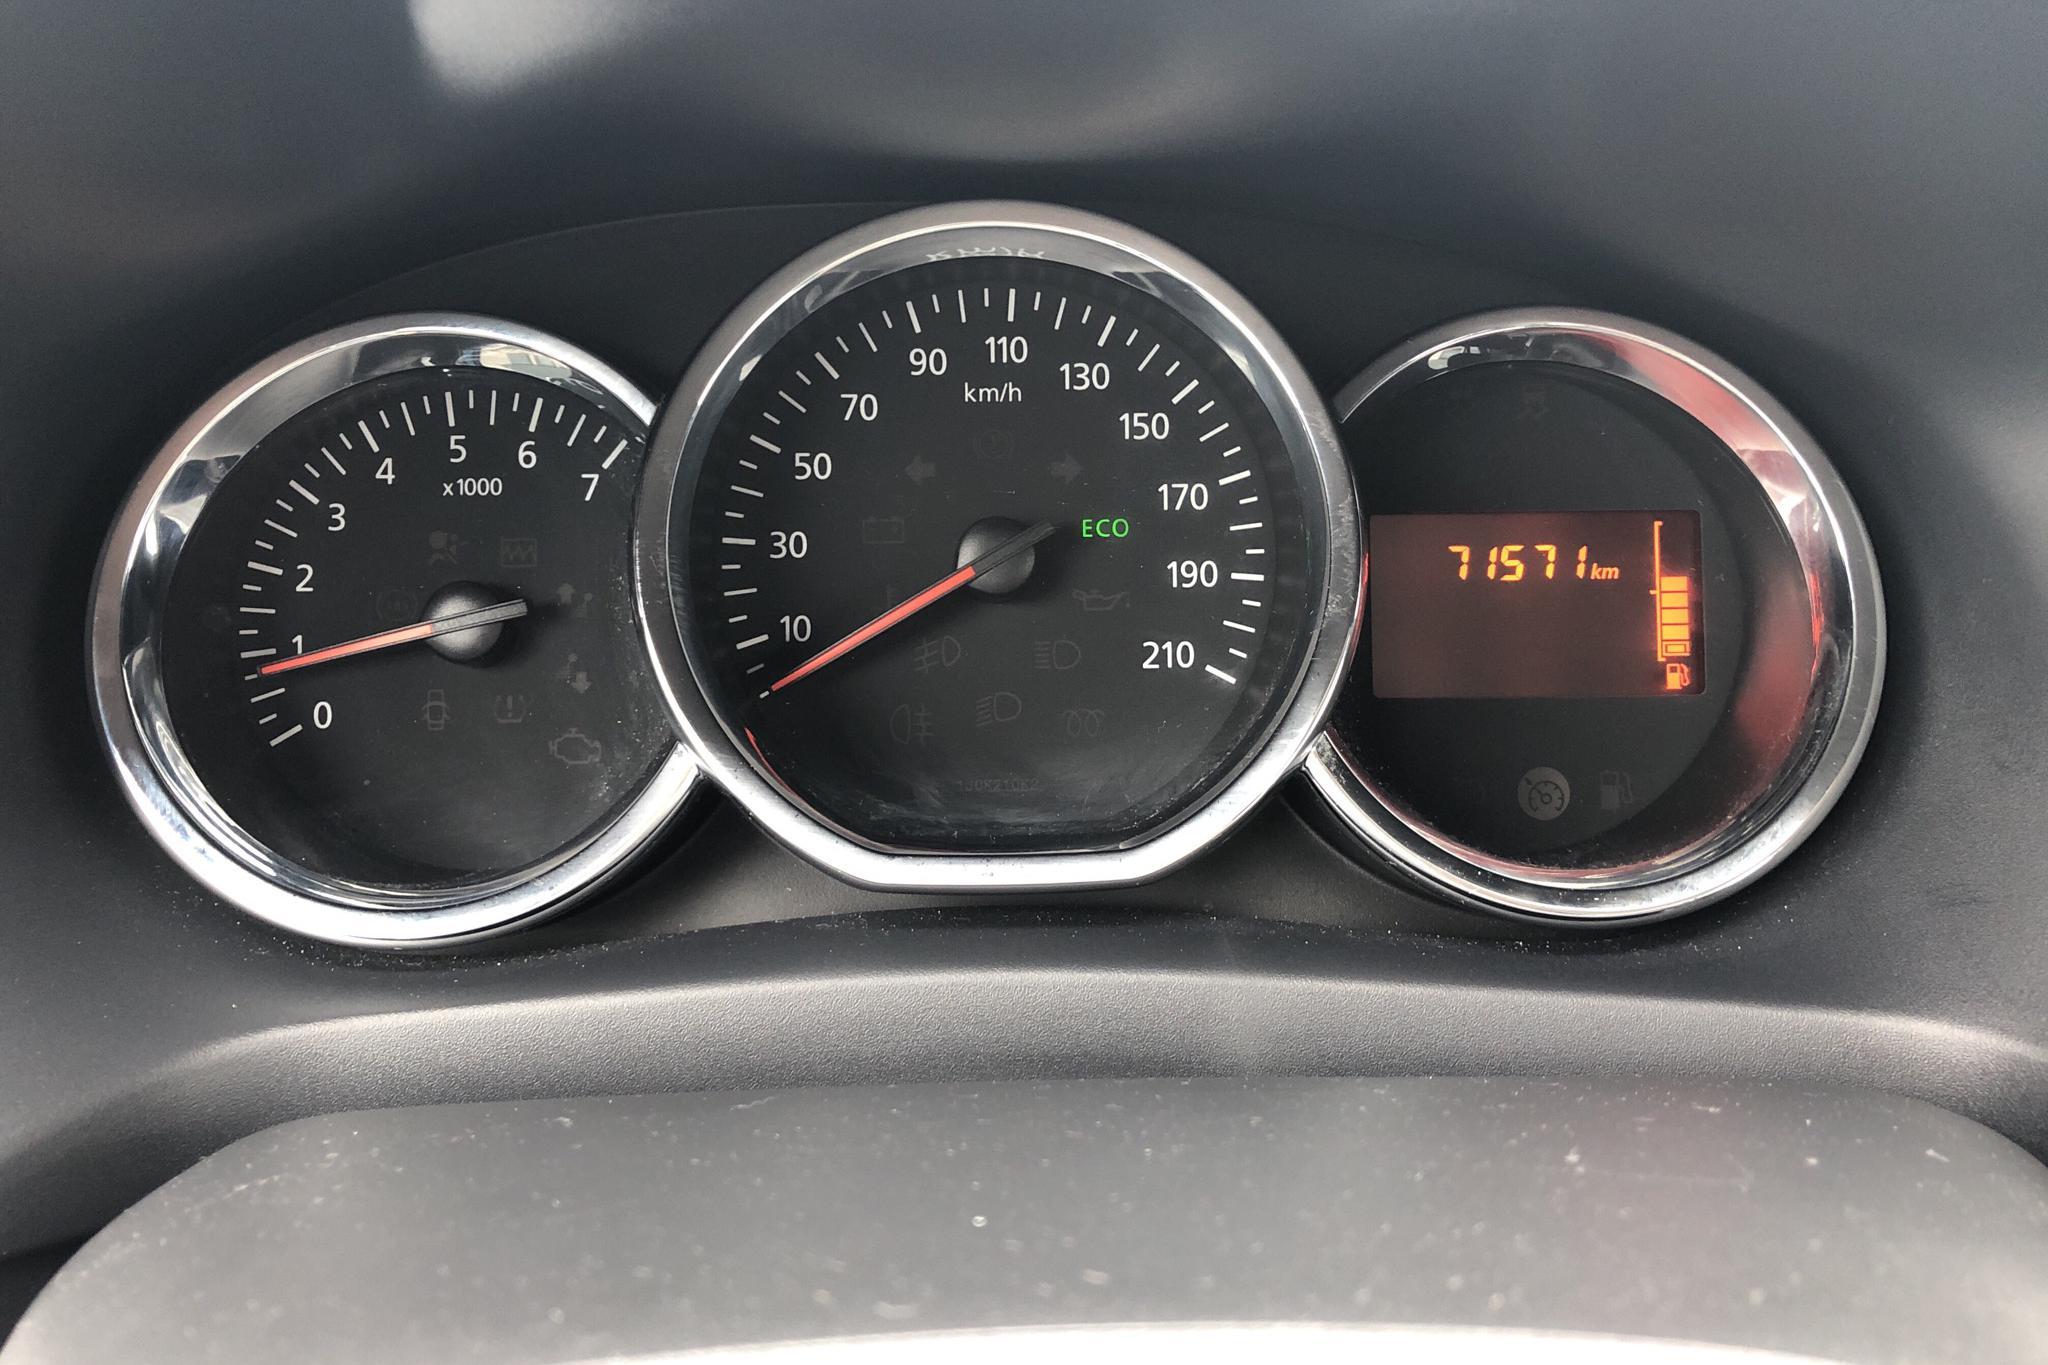 Dacia Sandero 0.9 TCe (90hk) - 71 570 km - Manual - Light Blue - 2014